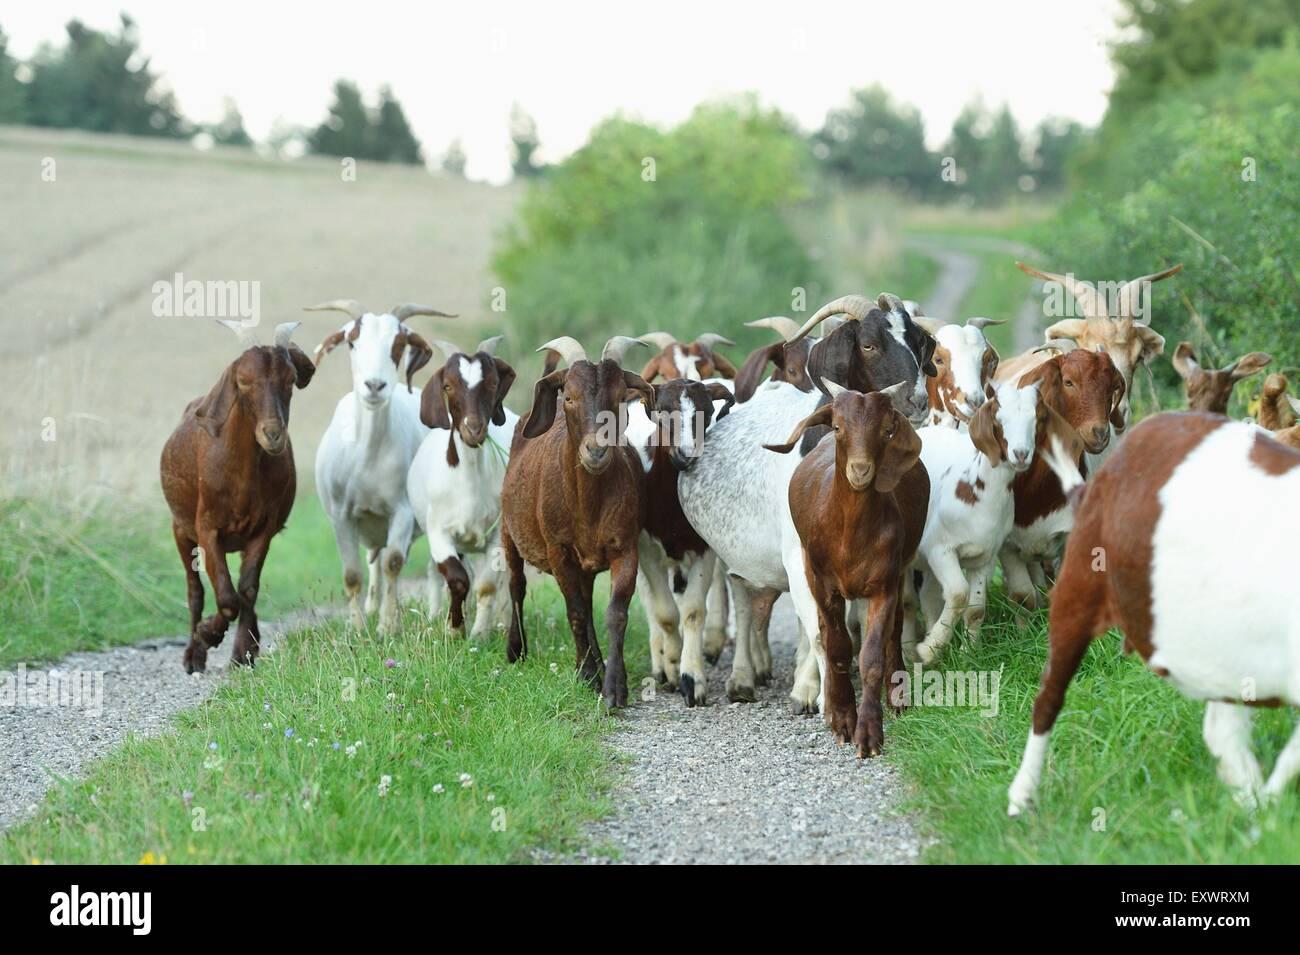 Group of boer goats, Upper Palatinate, Bavaria, Germany, Europe - Stock Image